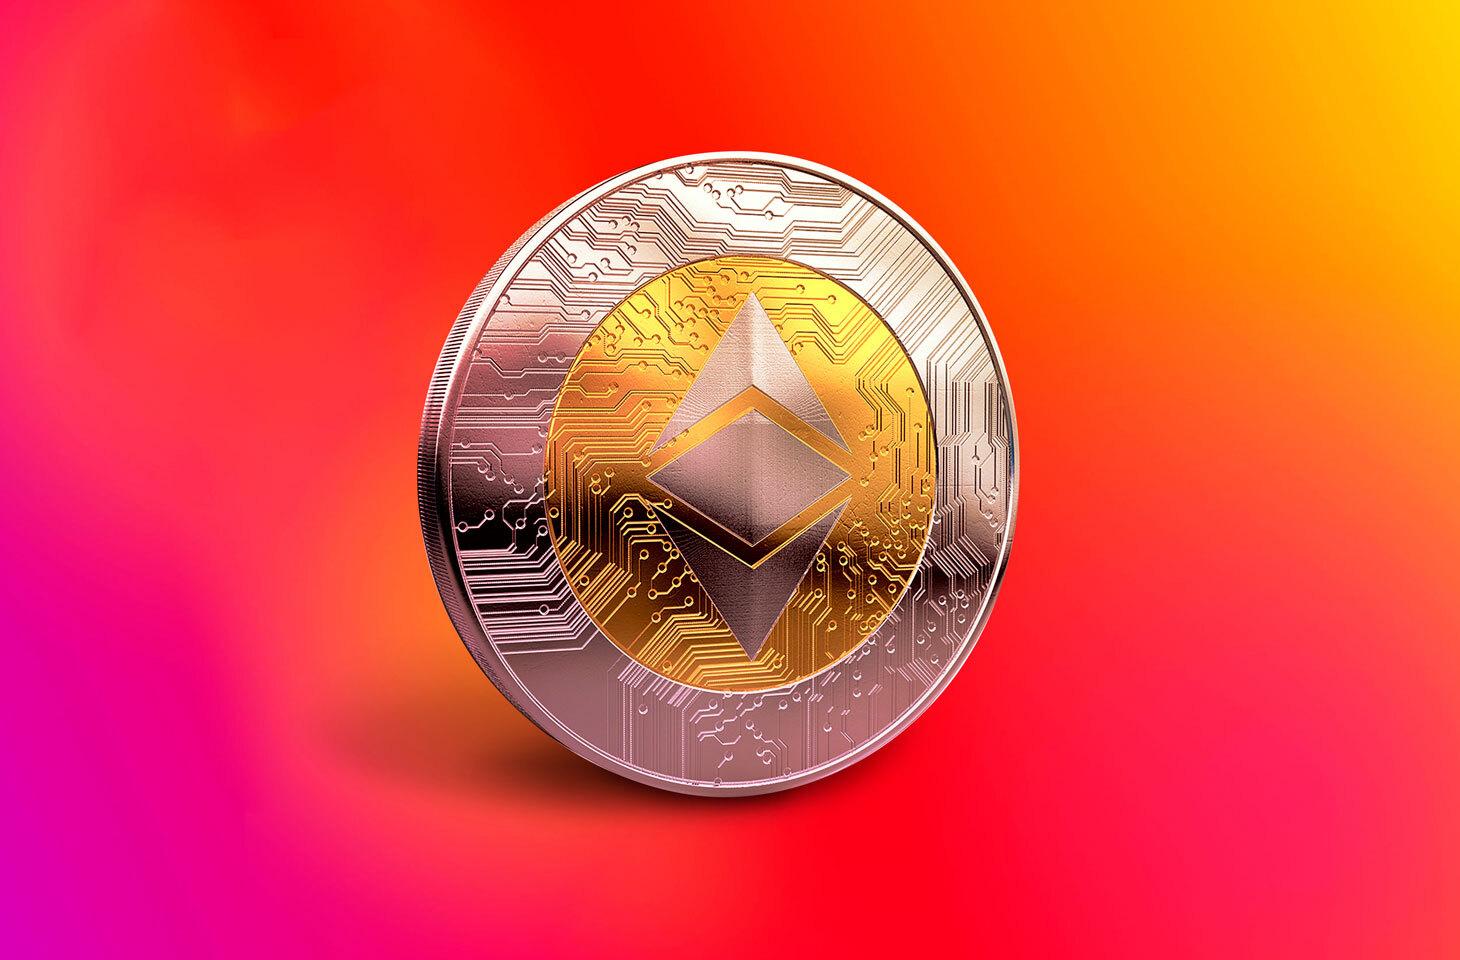 Discordでの仮想通貨詐欺 | カスペルスキー公式ブログ